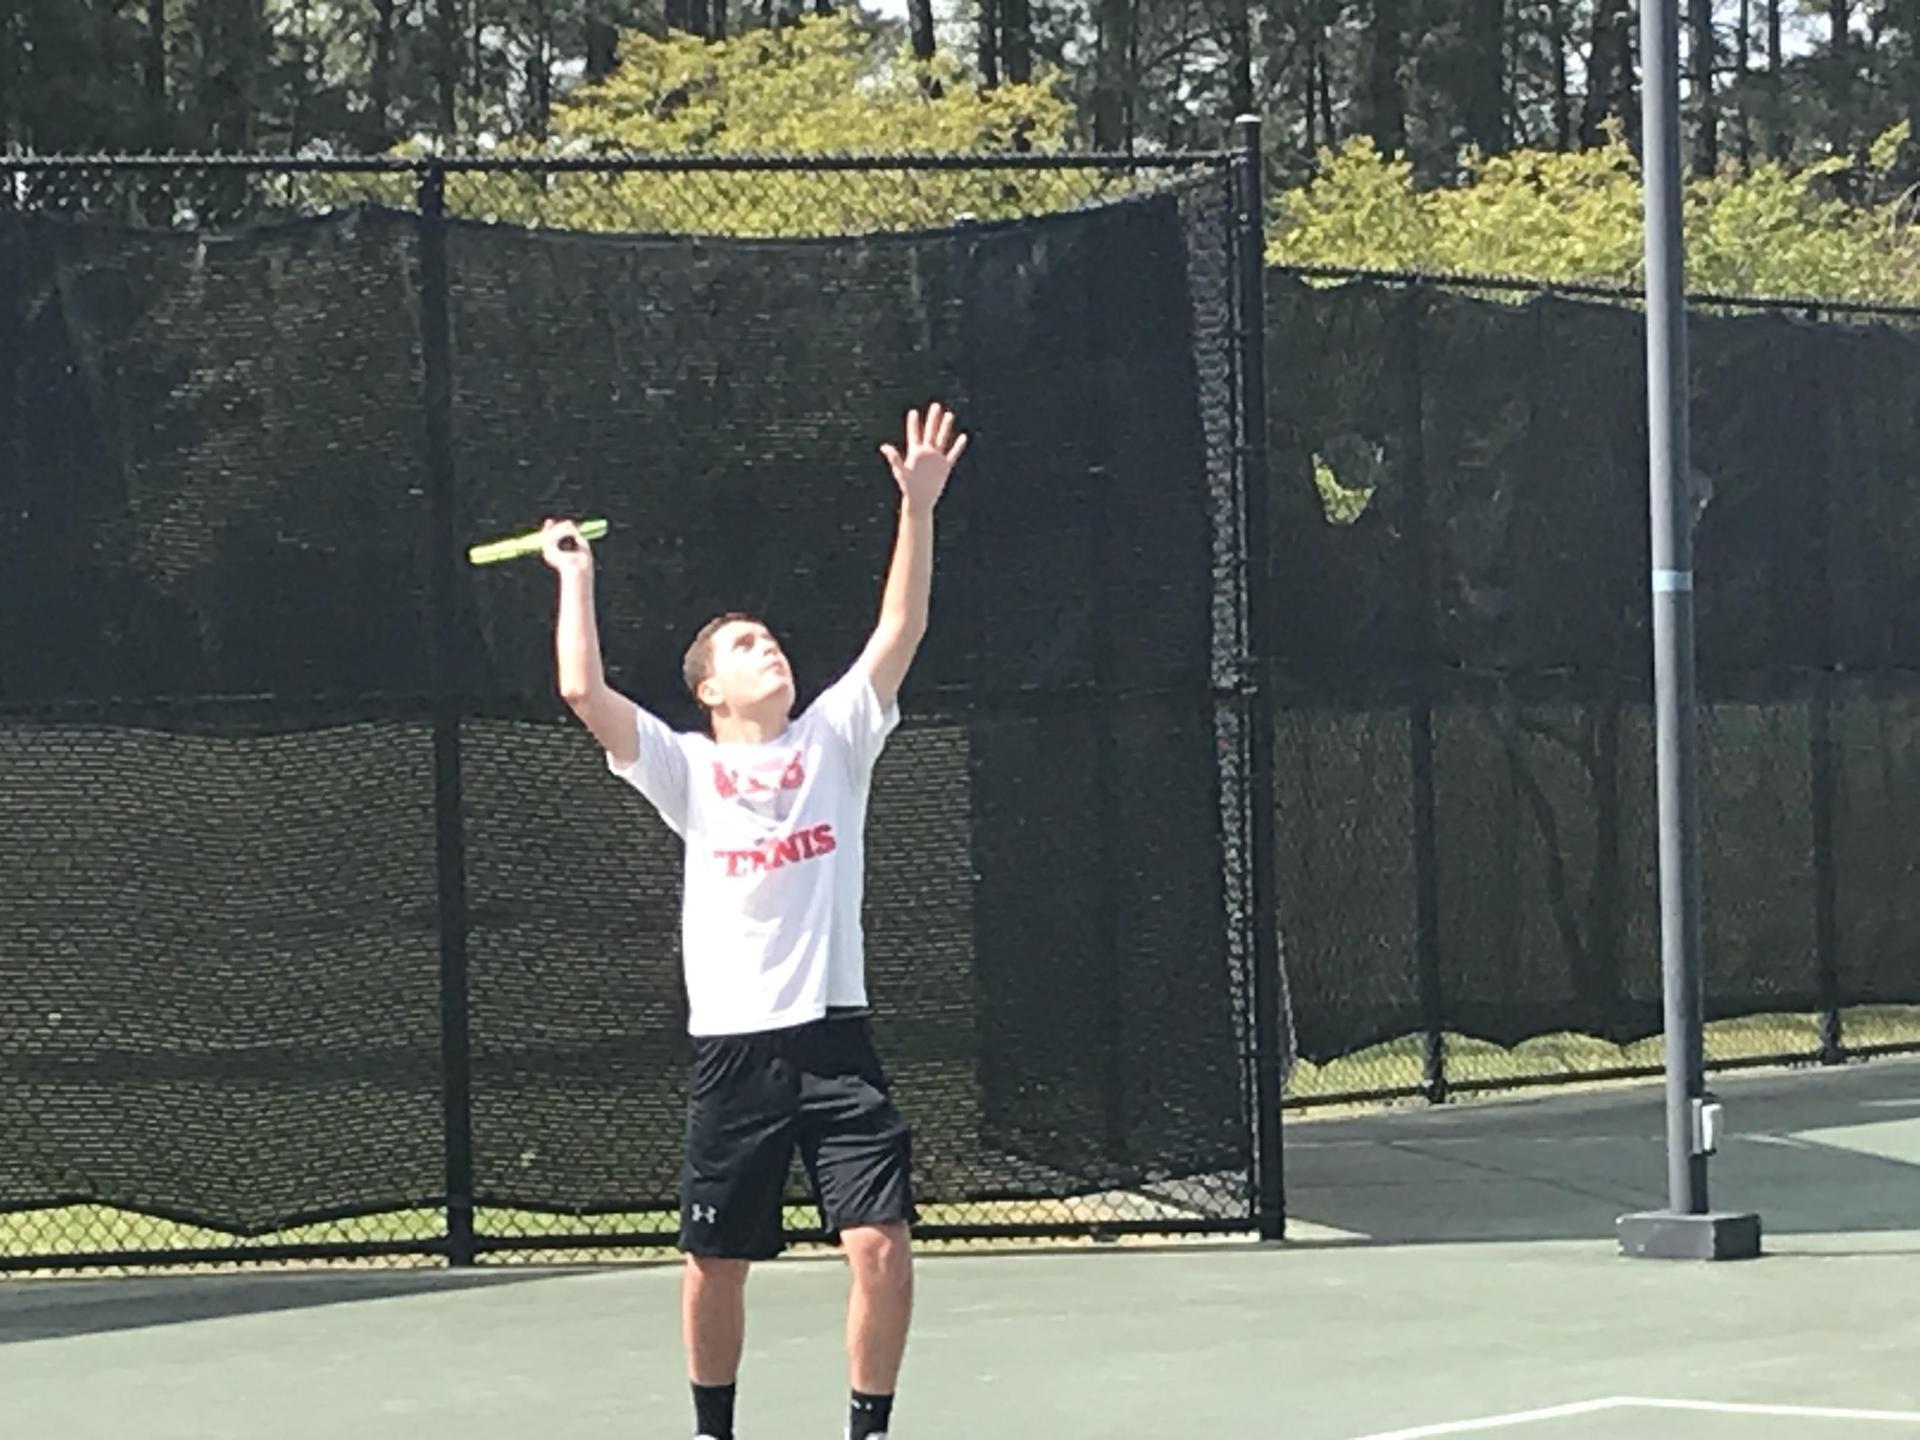 NEHS Tennis Player